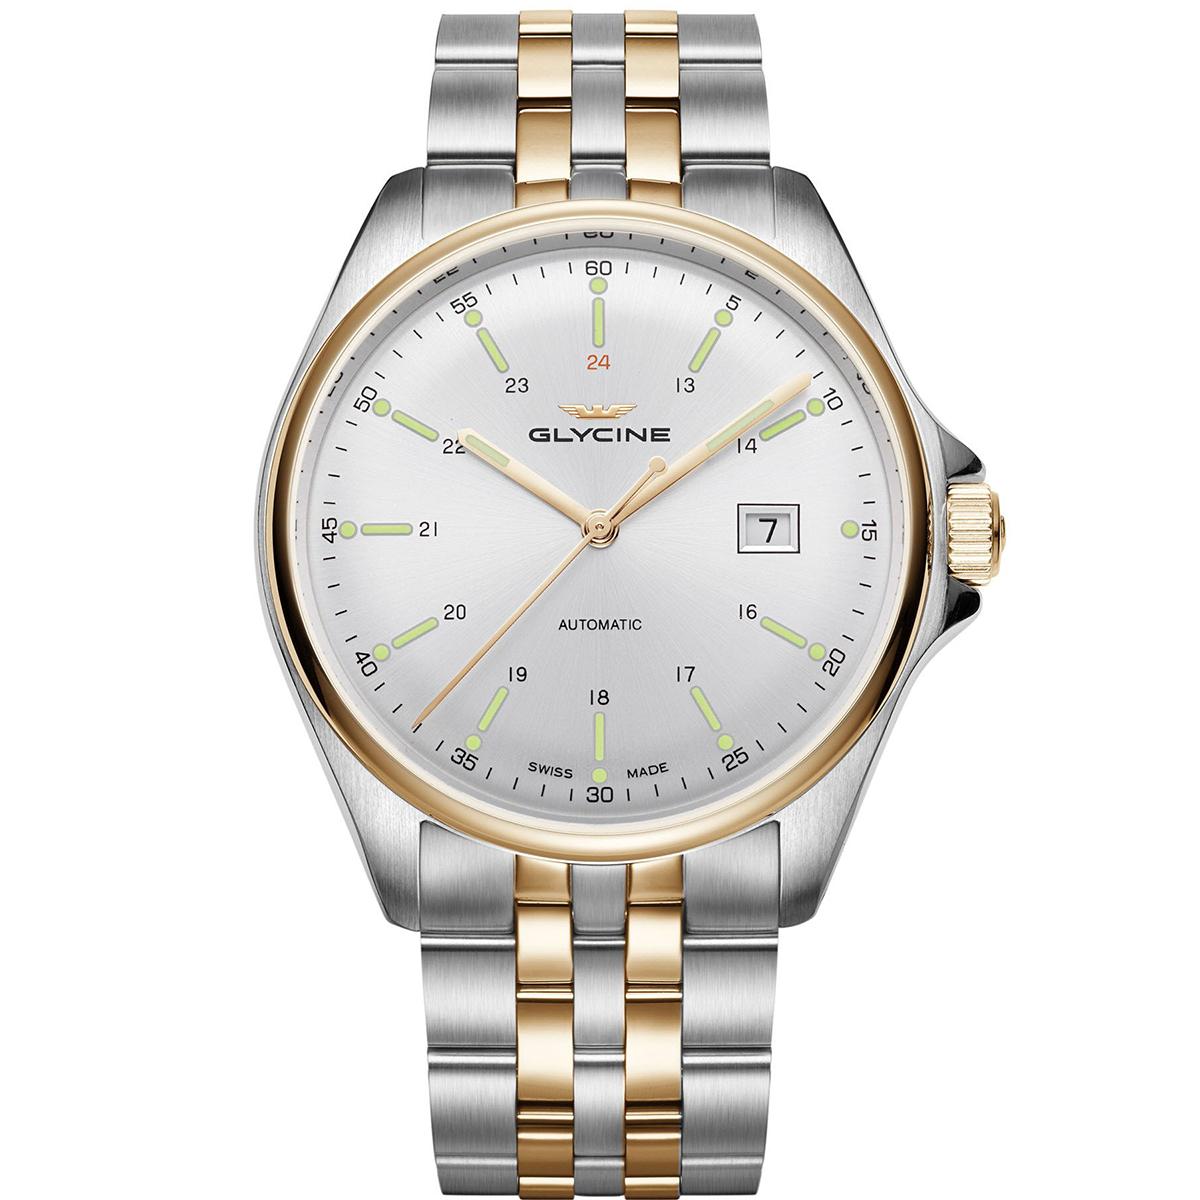 【全品送料無料】 グライシン グリシン GLYCINE コンバット6 クラシック COMBAT 6 CLASSIC 43 GL0104 メンズ 時計 腕時計 自動巻き オートマチック スイス製 スイスメイド パイロット